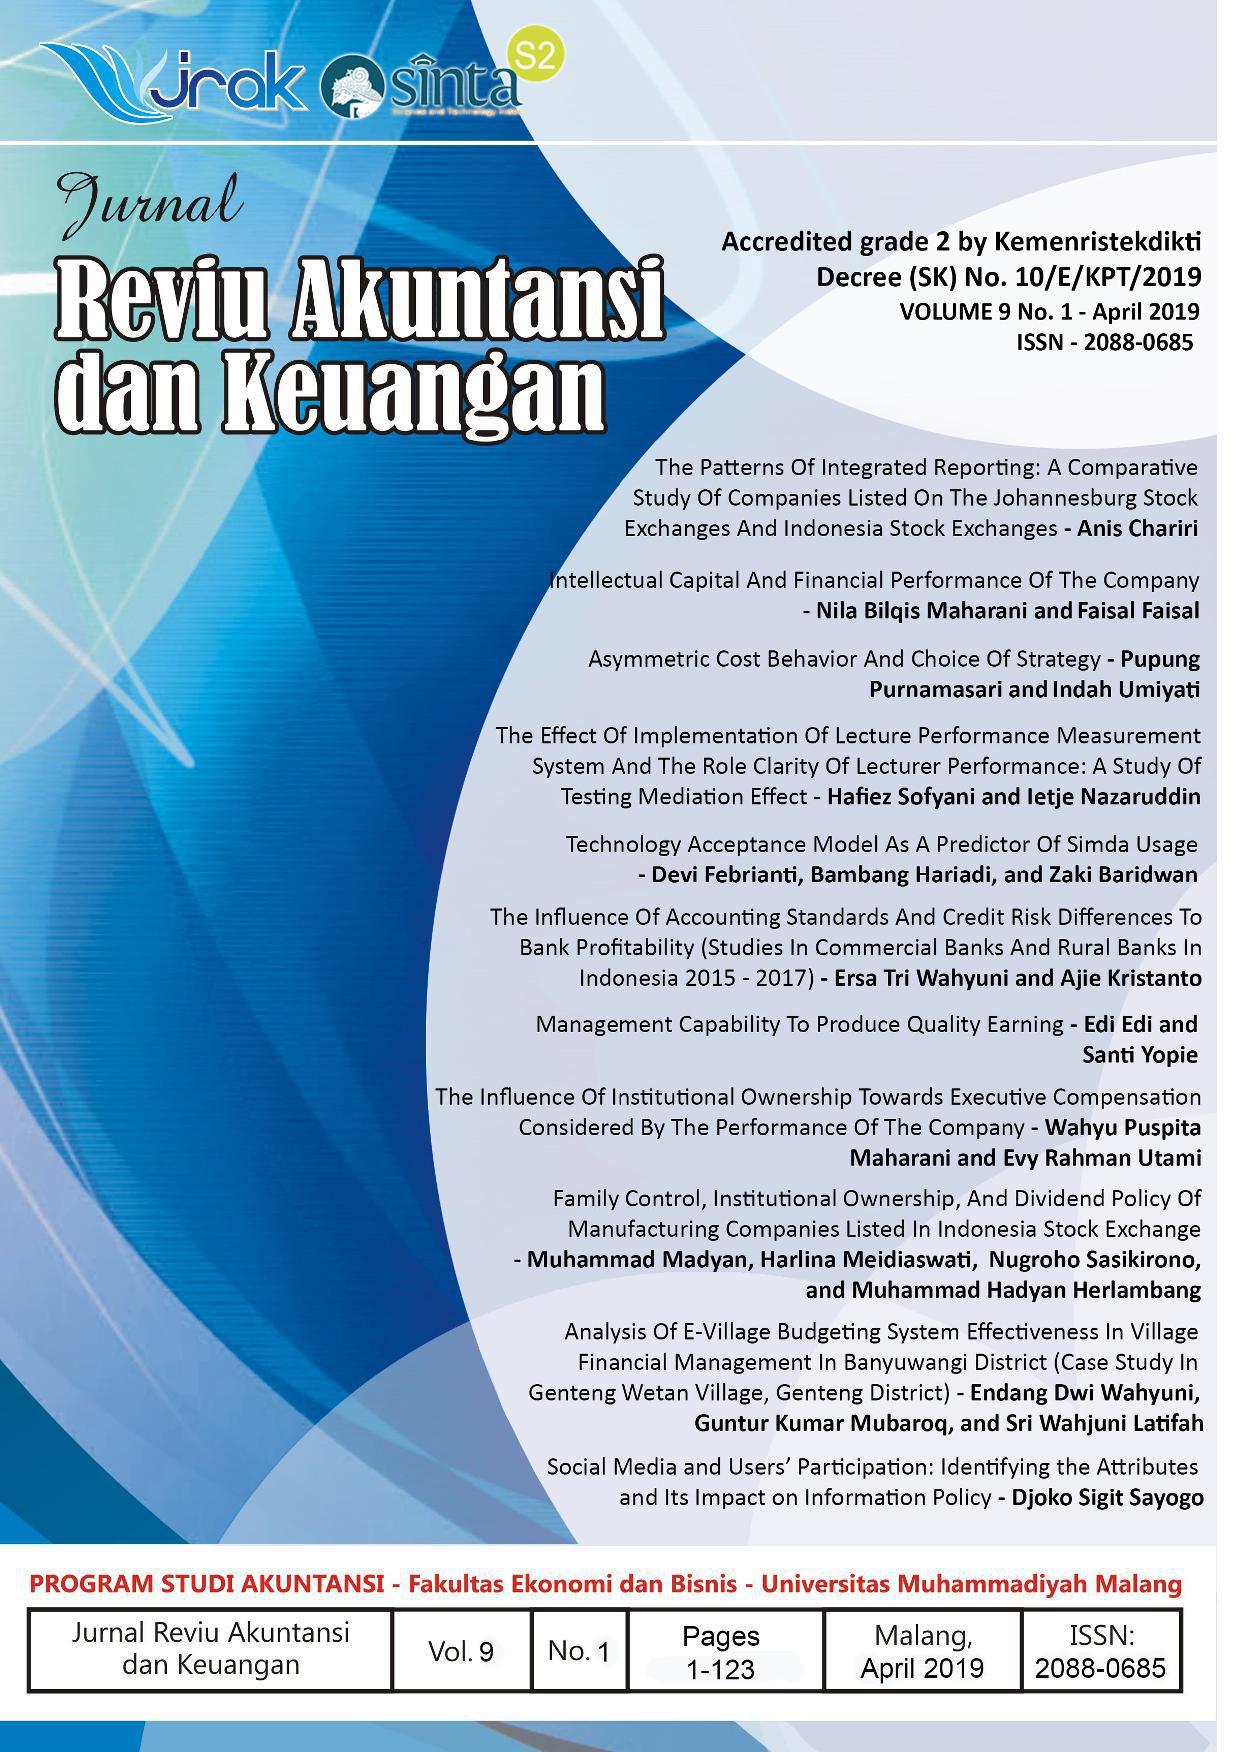 View Vol. 9 No. 1: Jurnal Reviu Akuntansi dan Keuangan